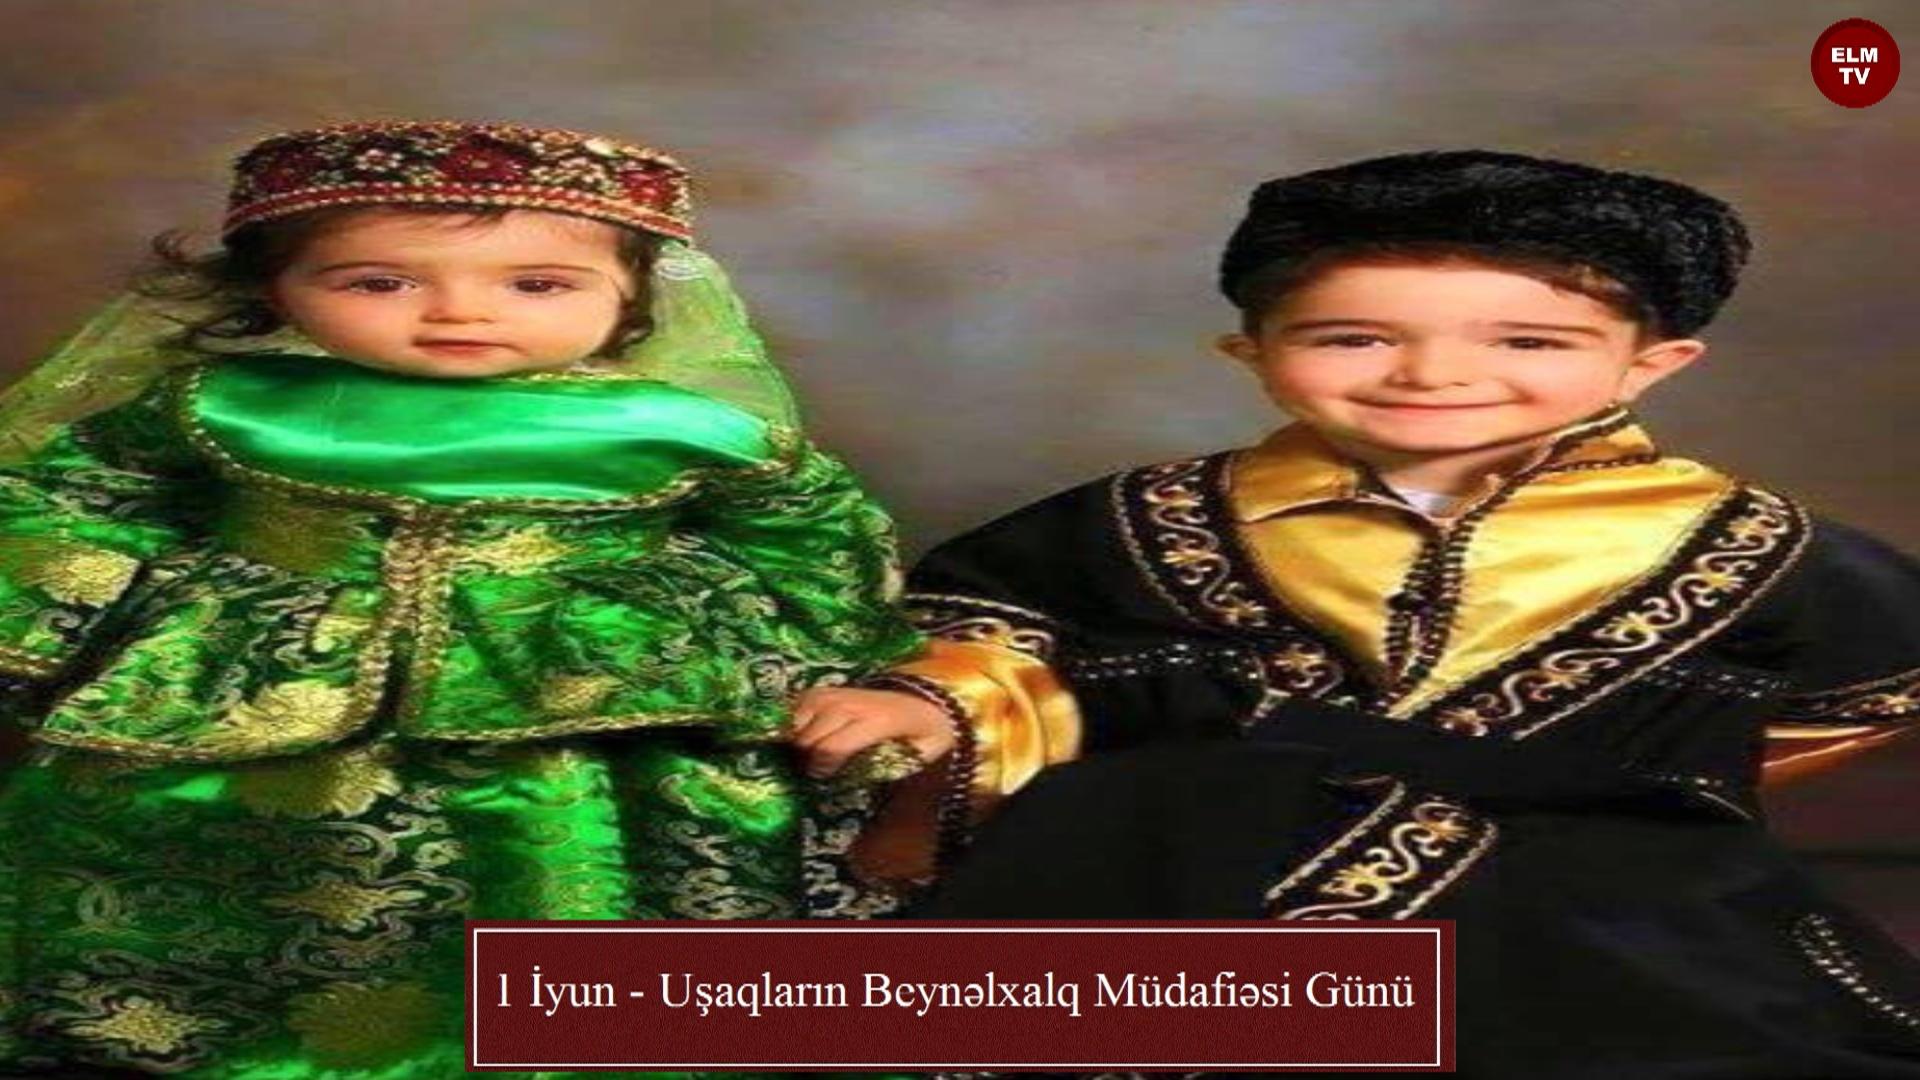 1 İyun - Uşaqların Beynəlxalq Müdafiəsi Günü